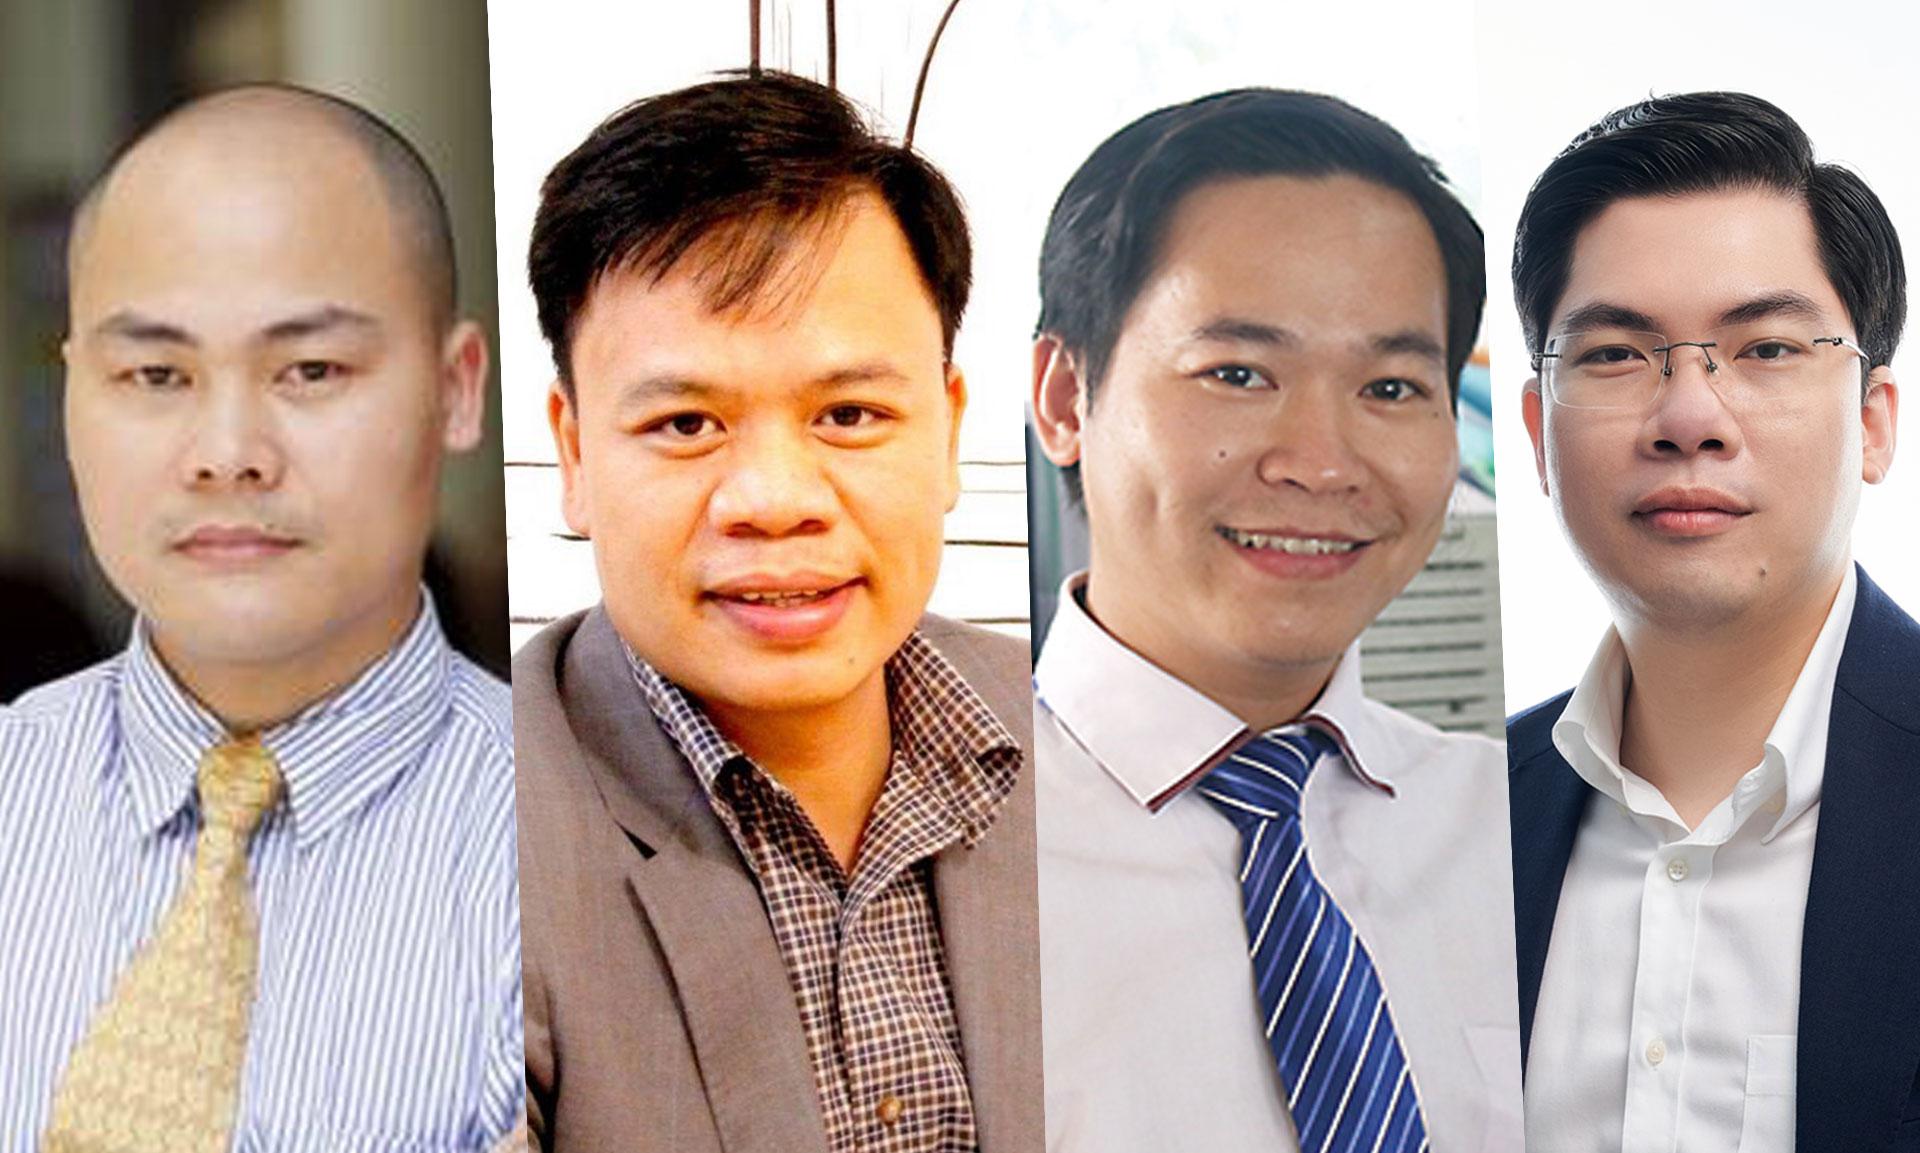 Các diễn giả tham gia CTO Talks số 23:, ông Nguyễn Tử Quảng, ông Nguyễn Thế Trung, ông Lê Nhật Quang, ông Phạm Nam Long.